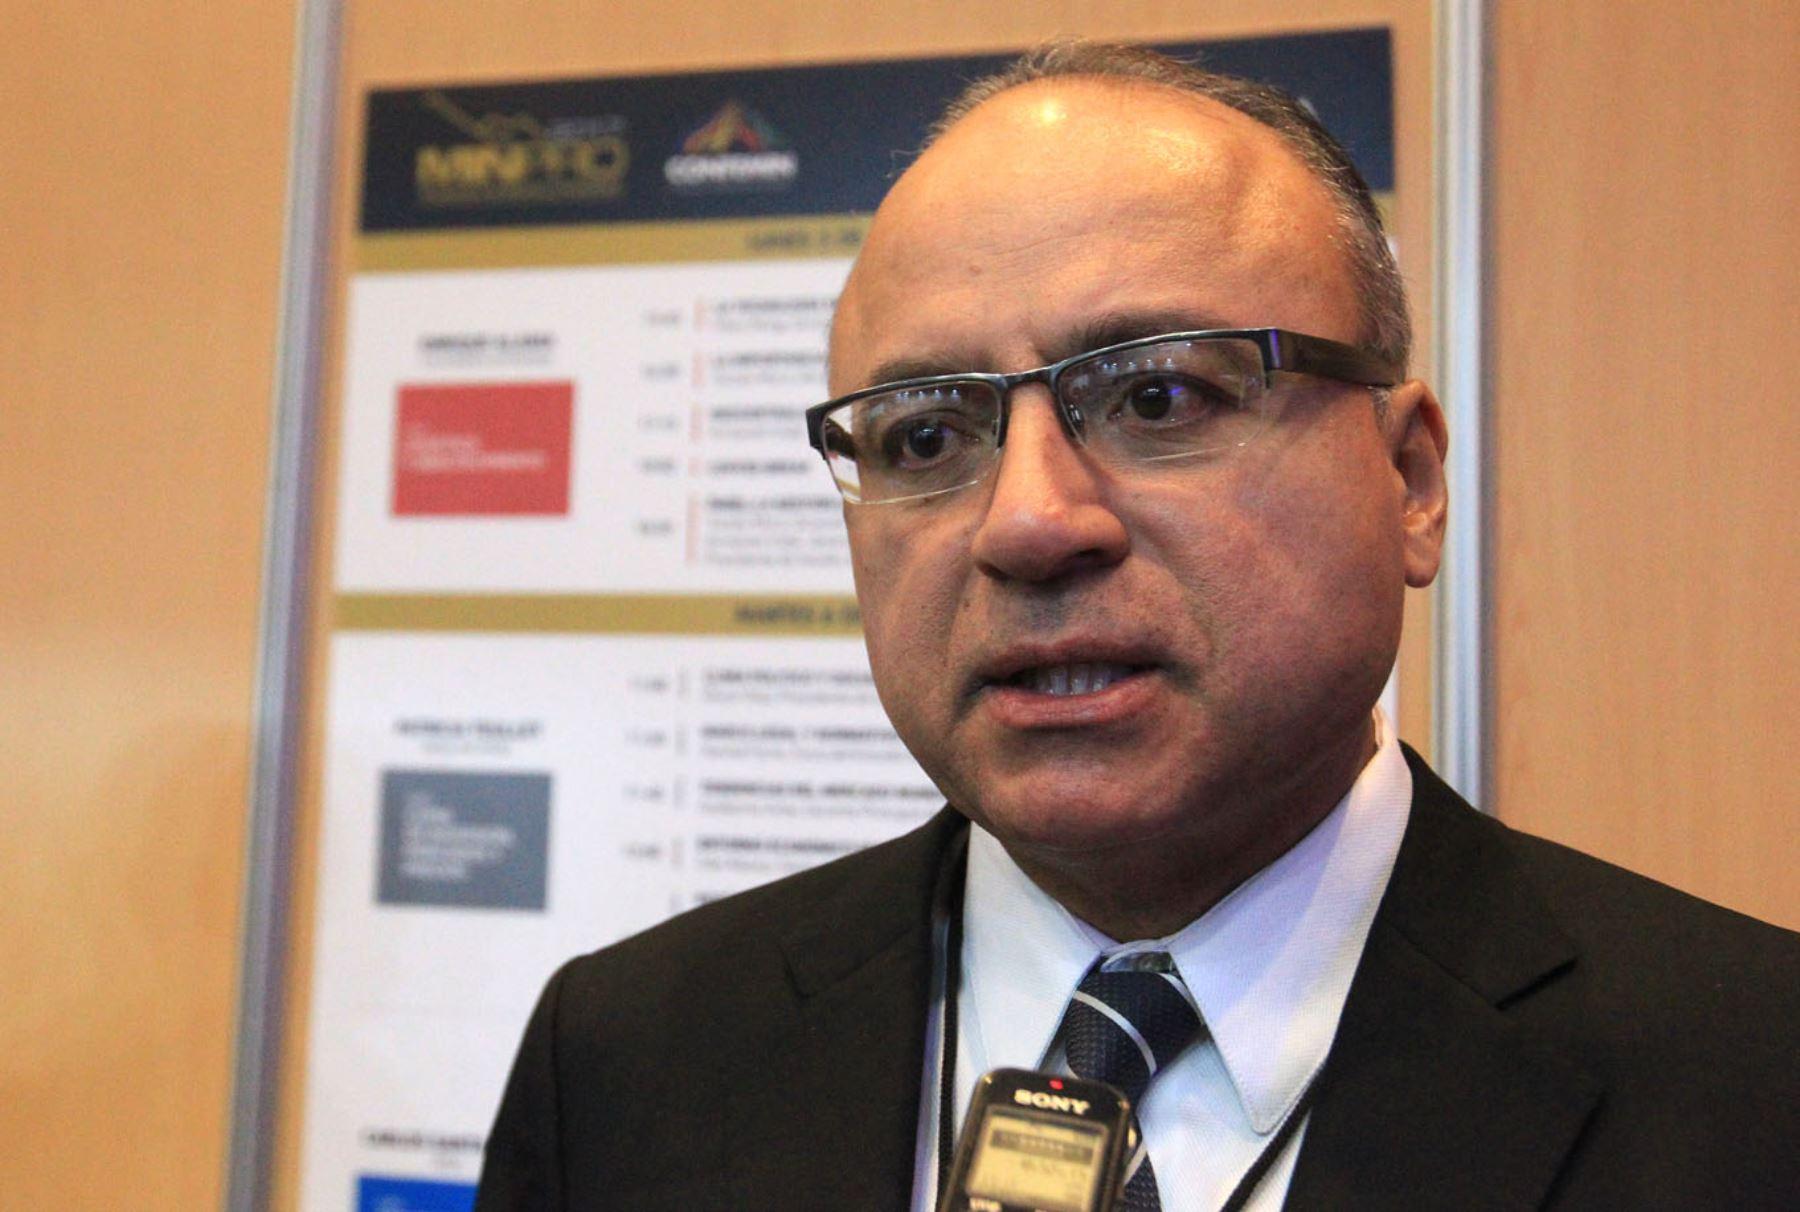 Presidente del Instituto de Ingenieros de Minas del Perú, Víctor Gobitz. ANDINA/Héctor Vinces